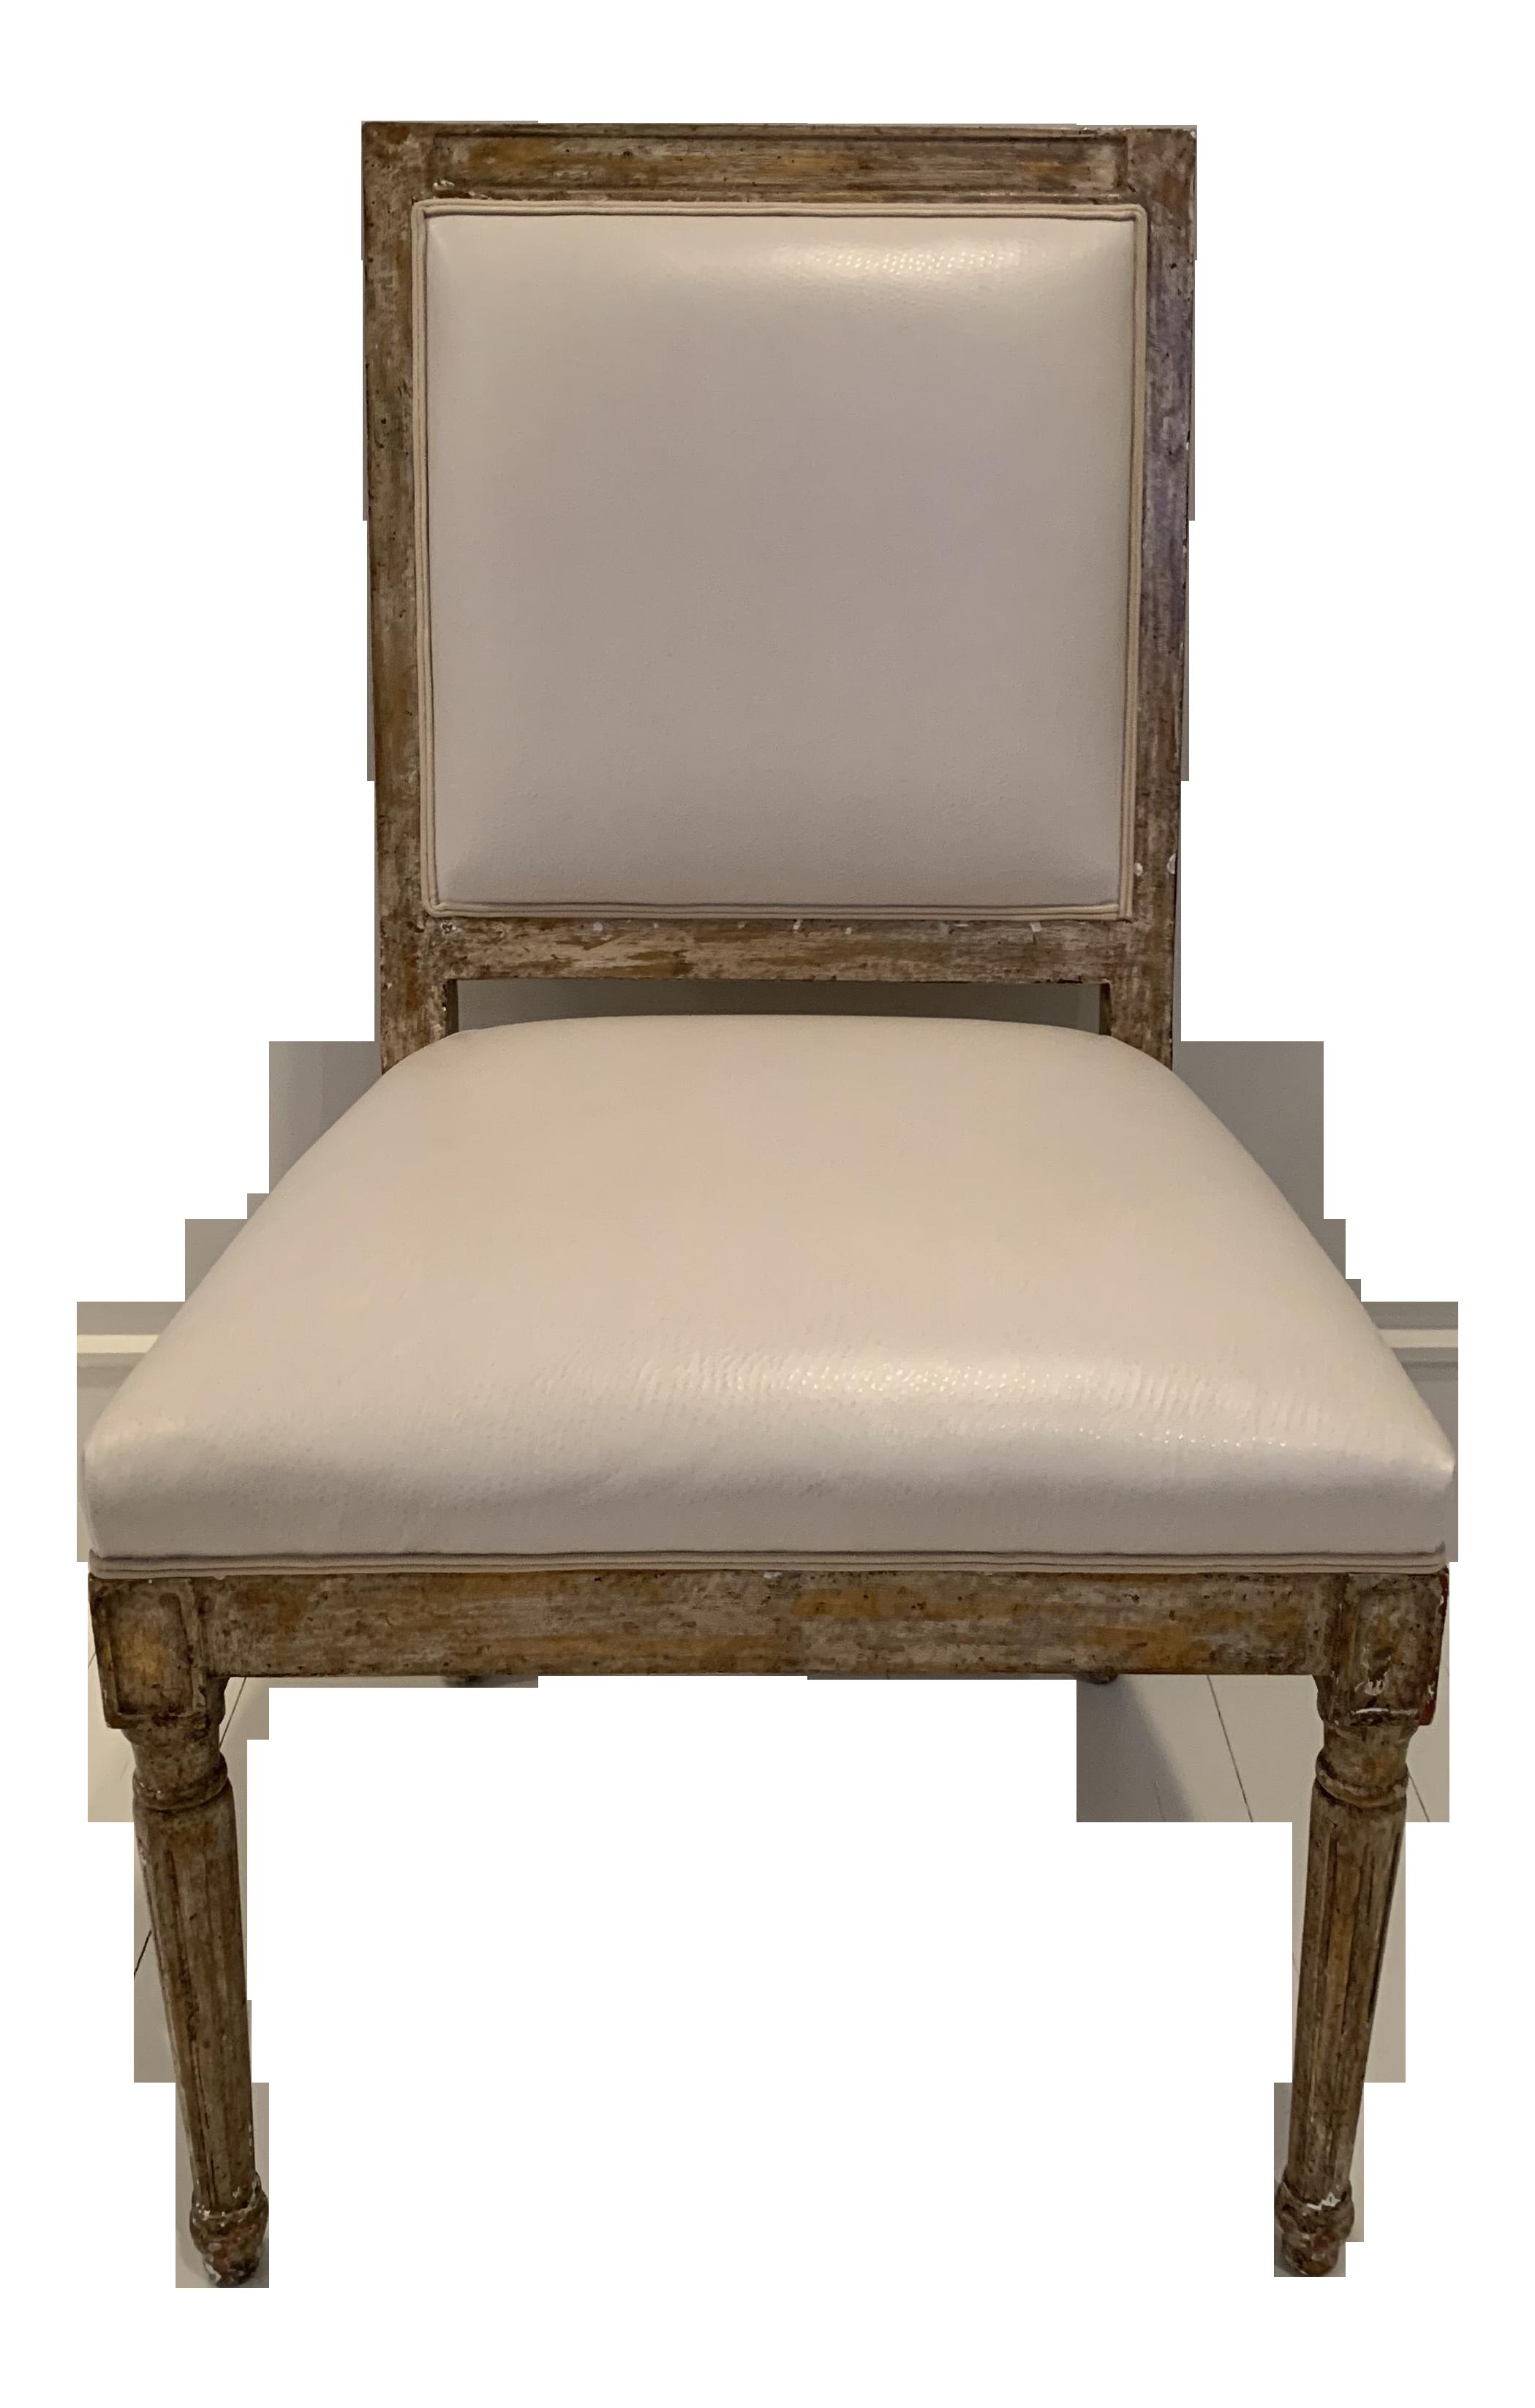 60er Vintage Tapioavaara Ära Stuhl Dining Chair Sprossenstuhl grün 1//3